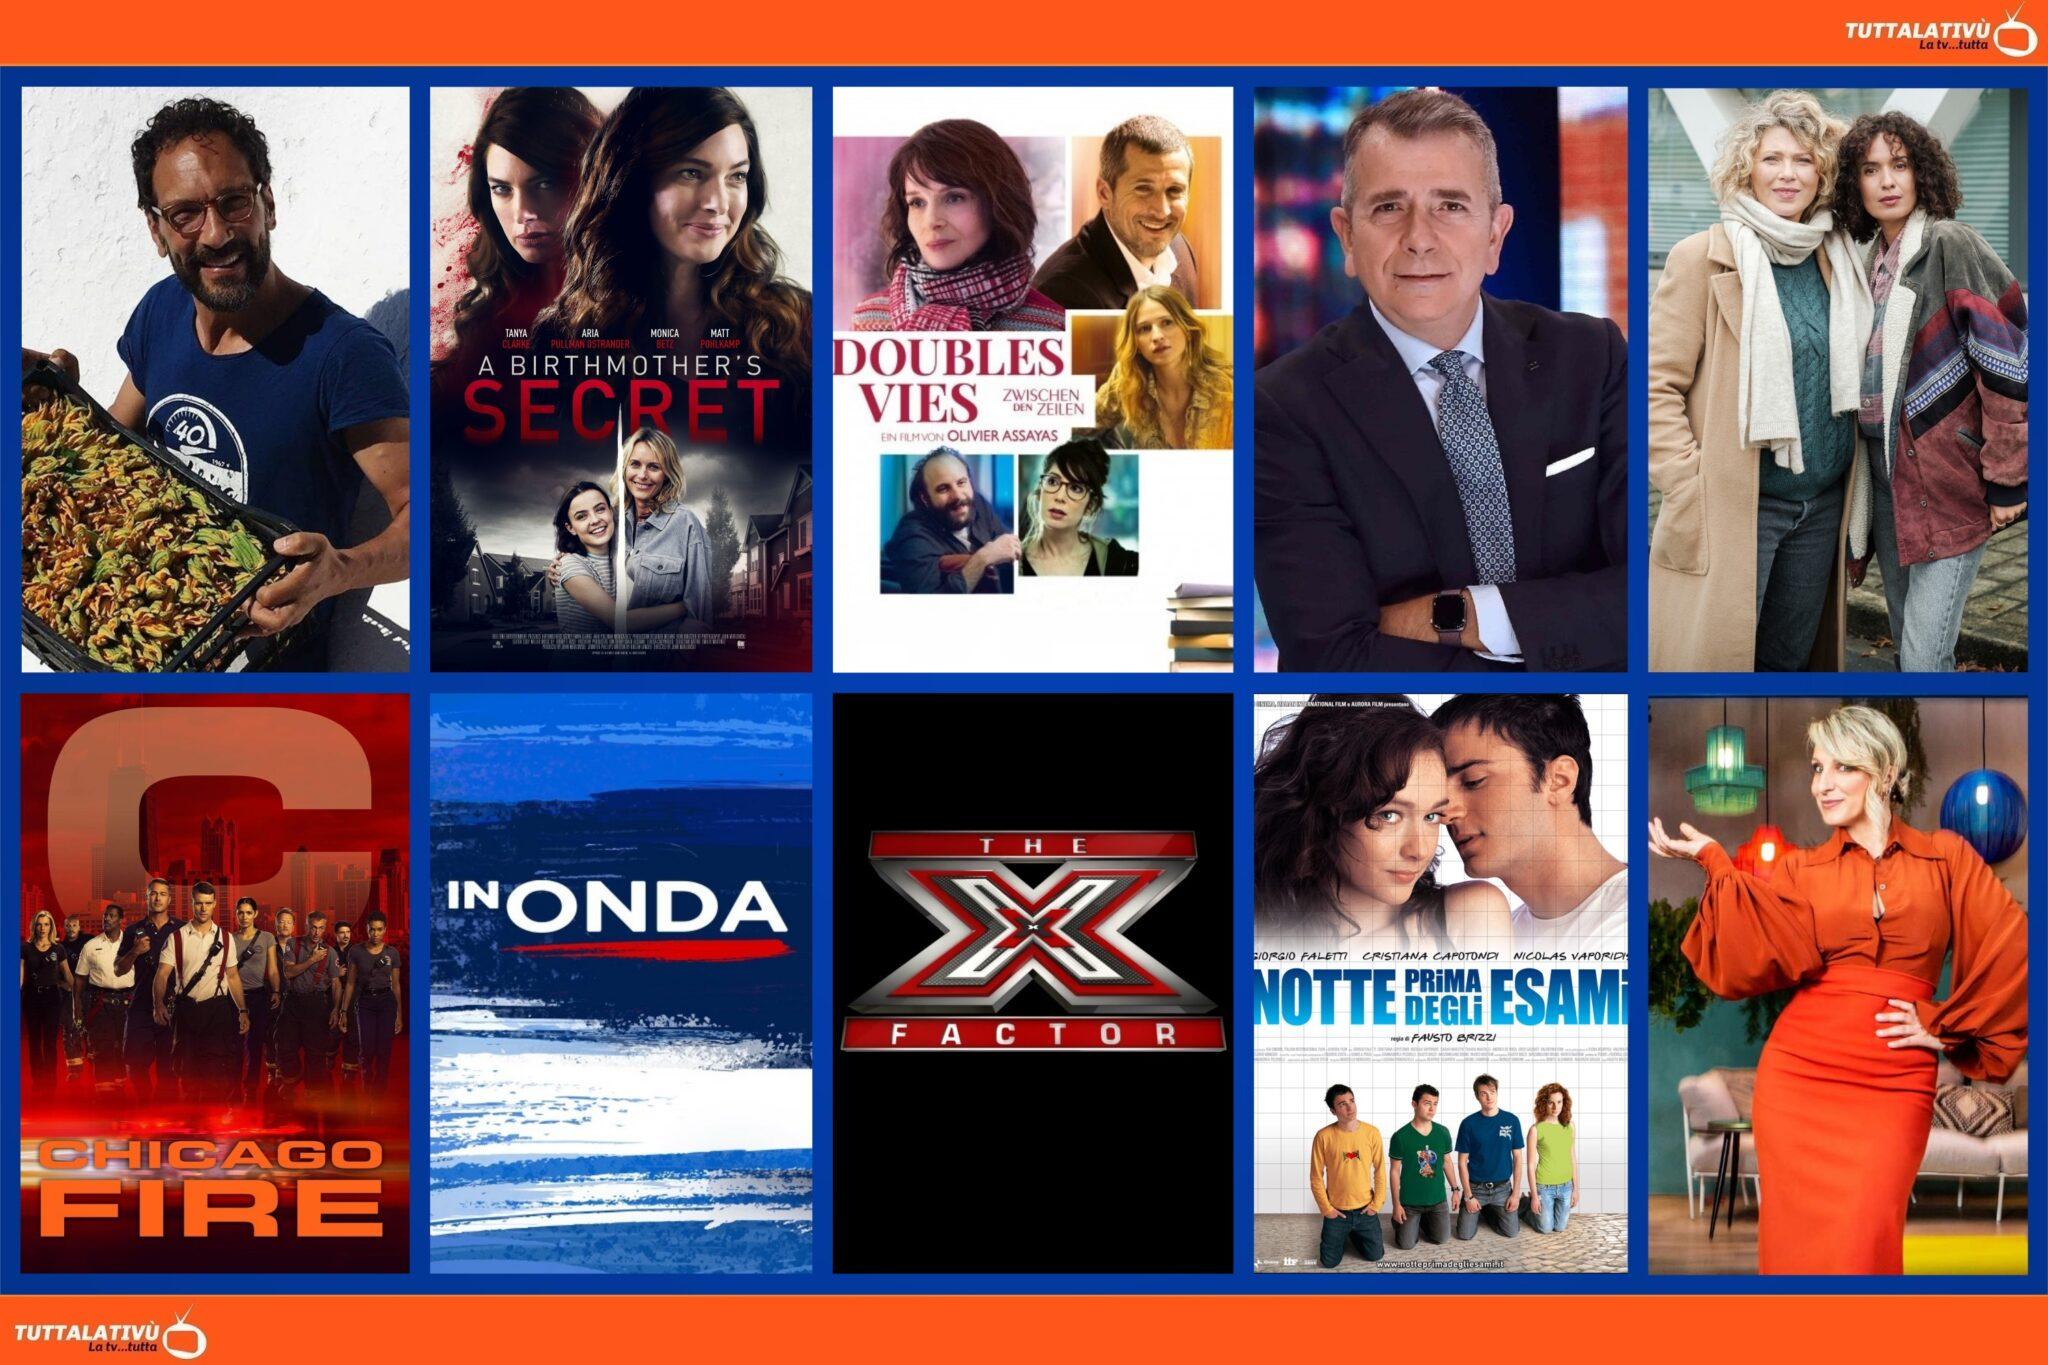 GuidaTV 1 Settembre 2021: Linea Verde Radici, la miniserie Gloria, Chicago Fire, Il gioco delle coppie, Zona Bianca, D'amore e d'accordo (RealTime)